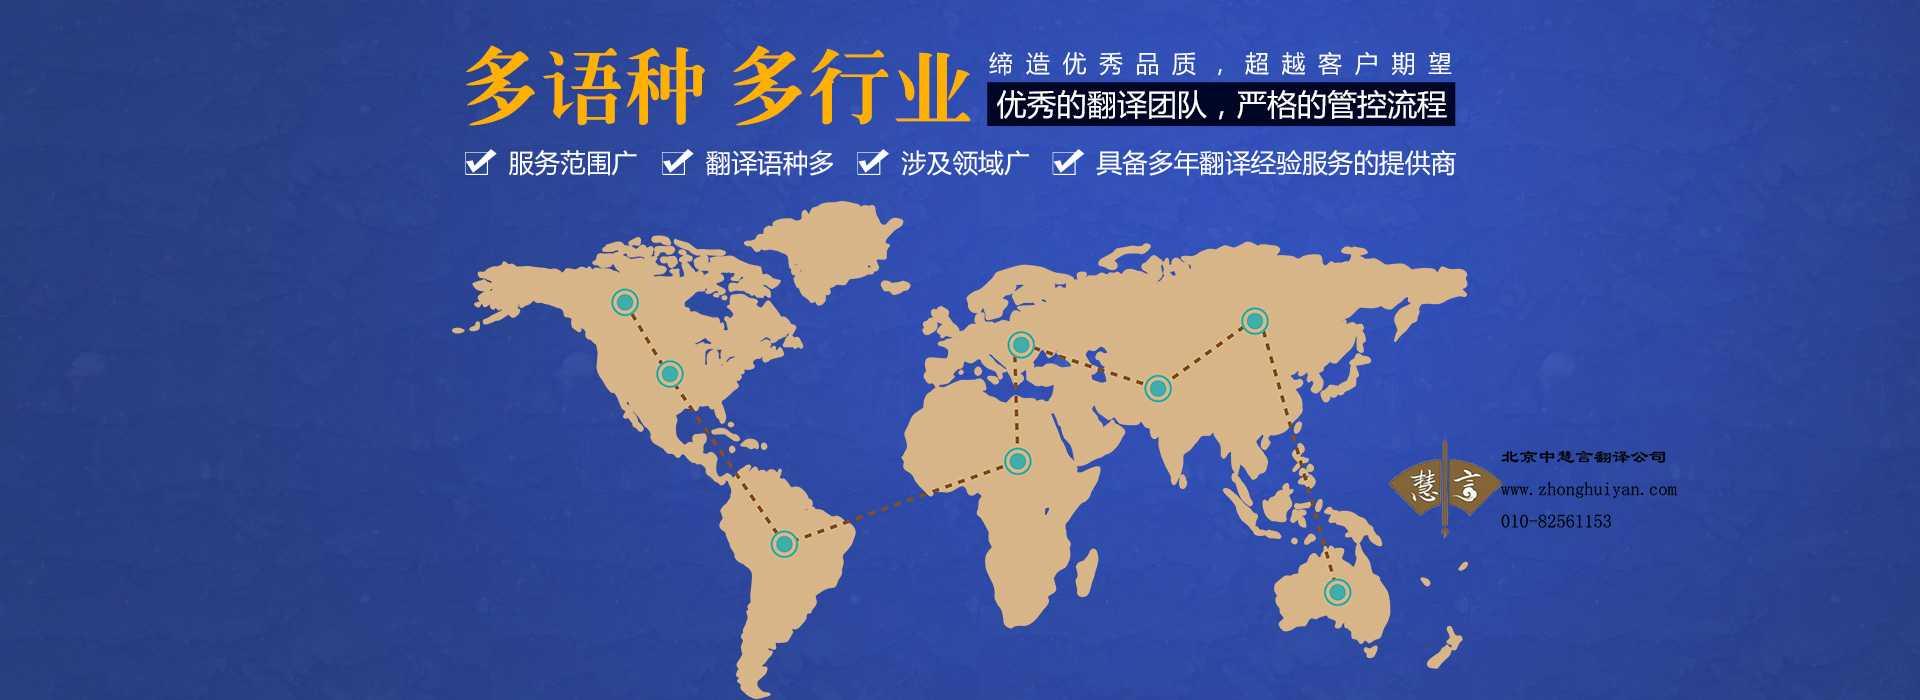 北京展会口译英语翻译多少钱一天